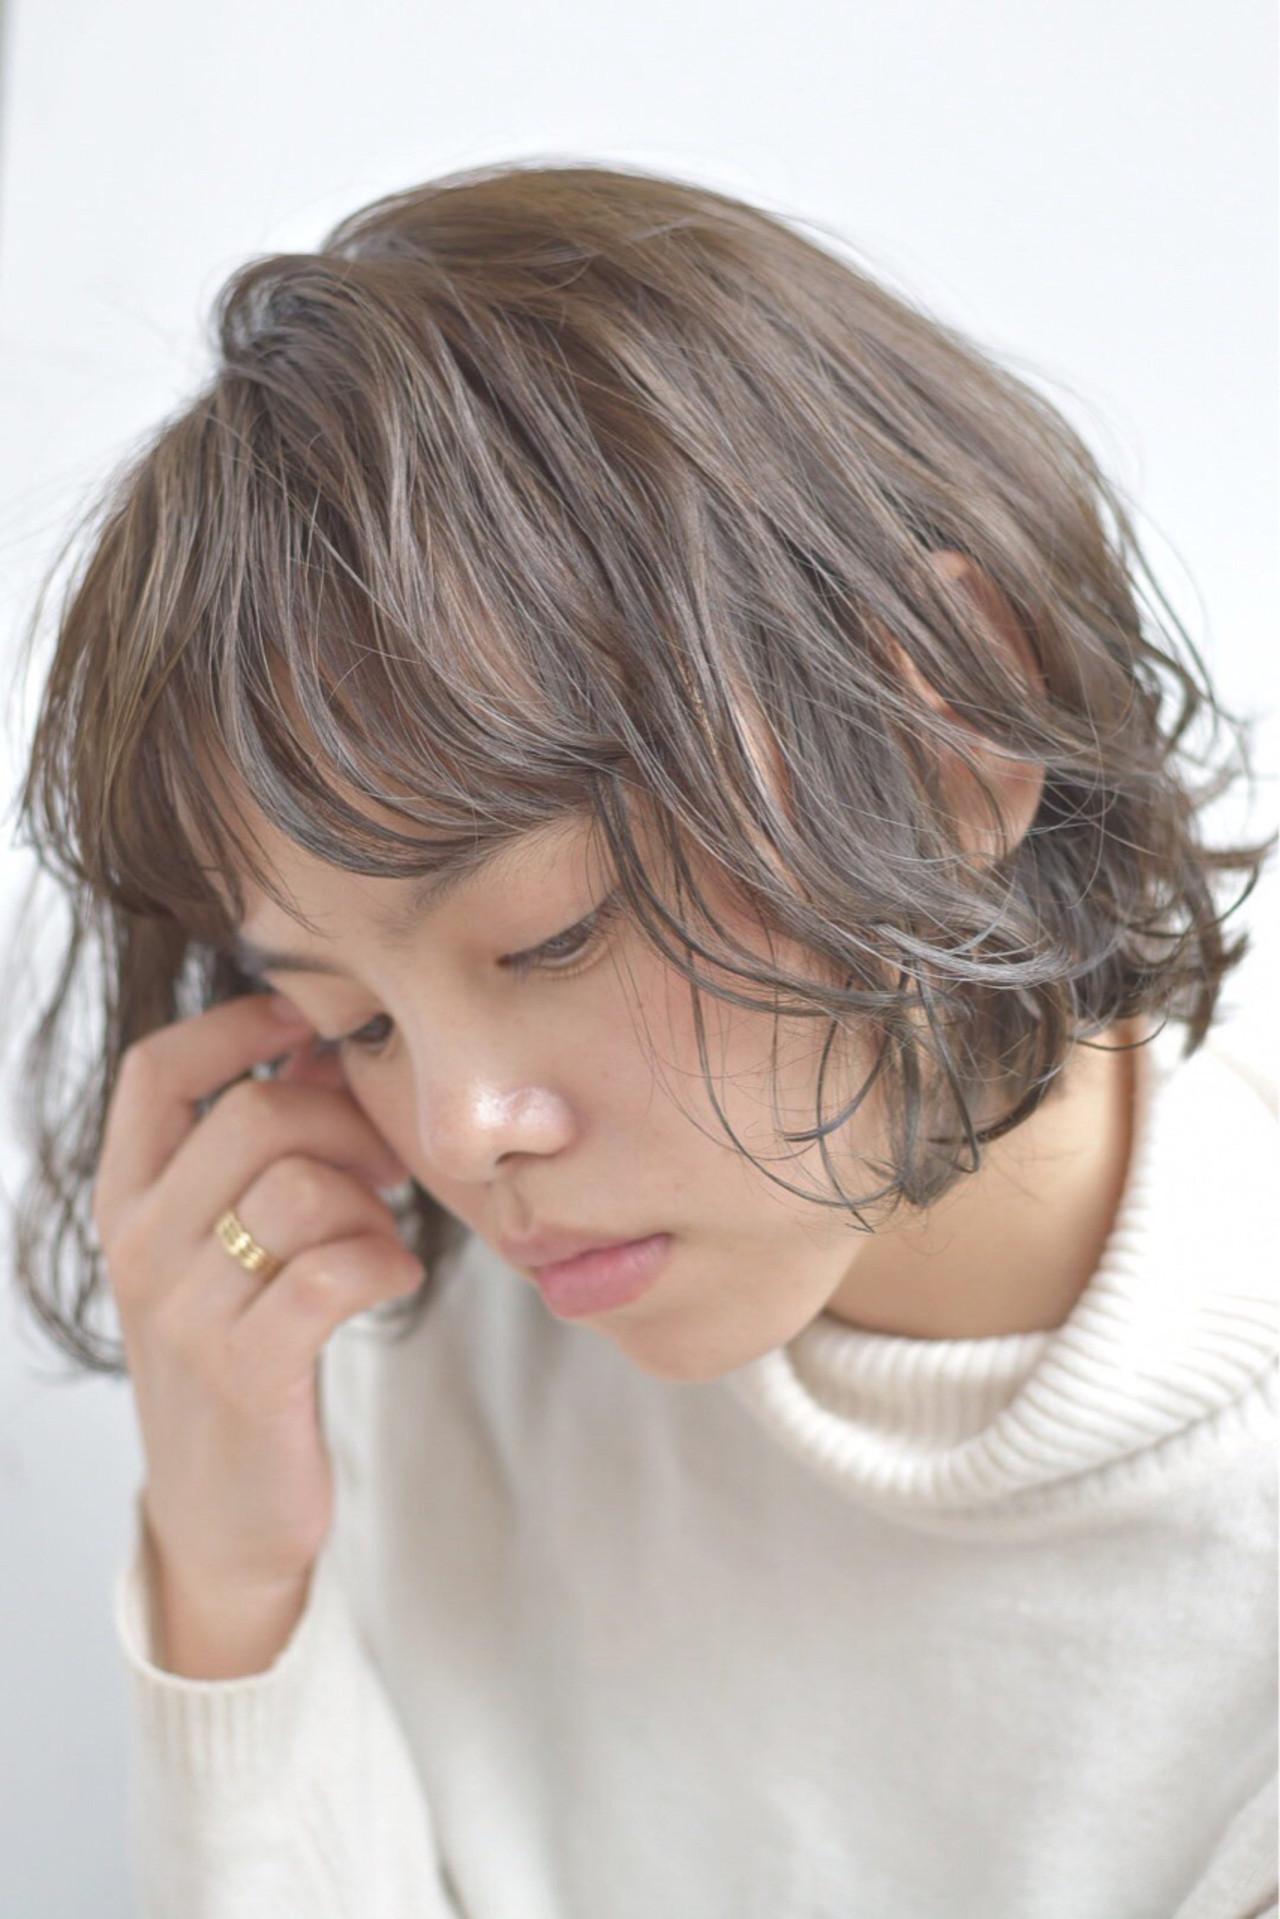 グレージュ くせ毛風 シースルーバング ナチュラル ヘアスタイルや髪型の写真・画像